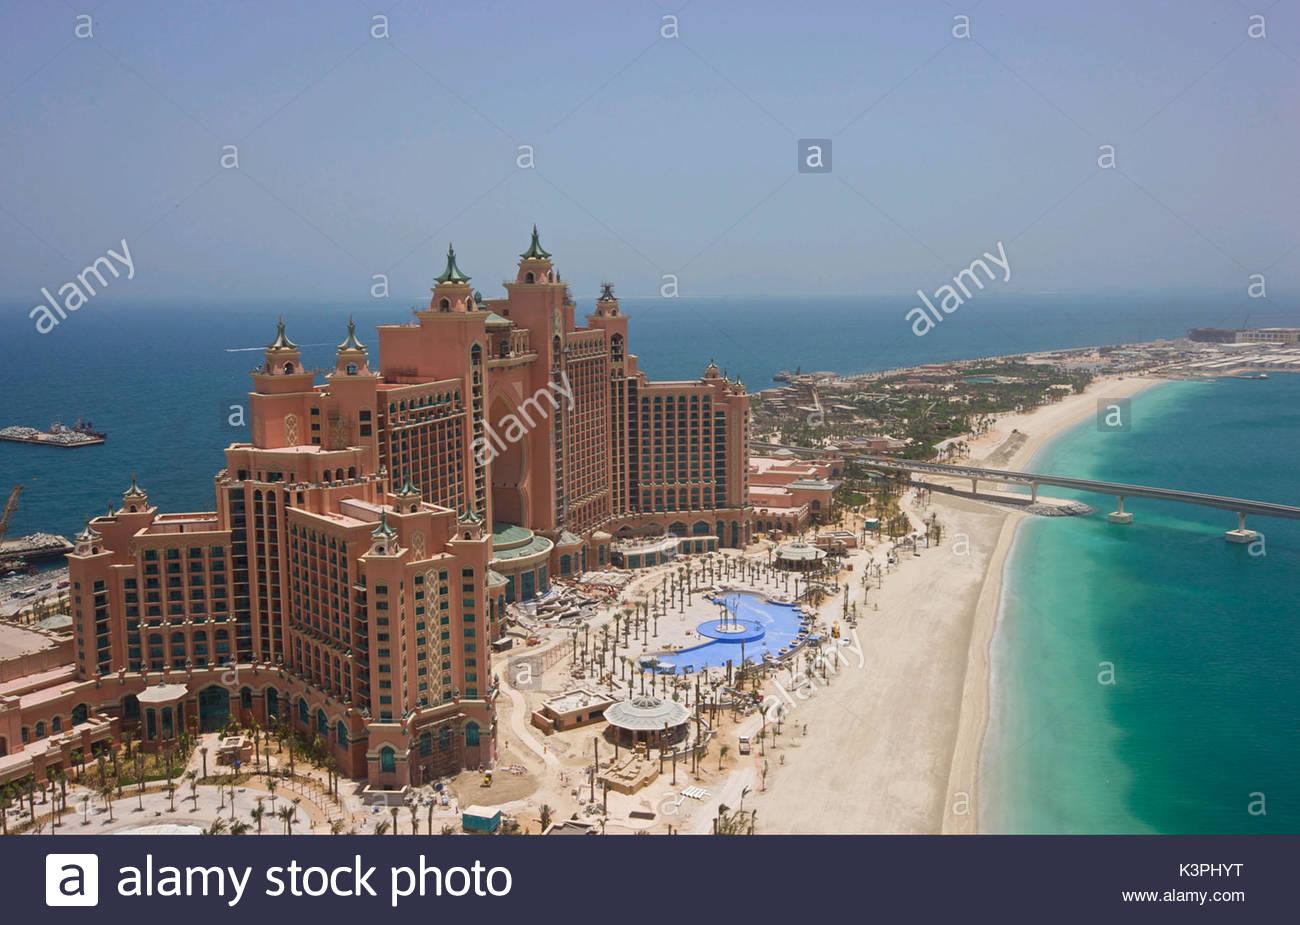 Atlantis dubai water park stock photos atlantis dubai for Dubai palm hotel